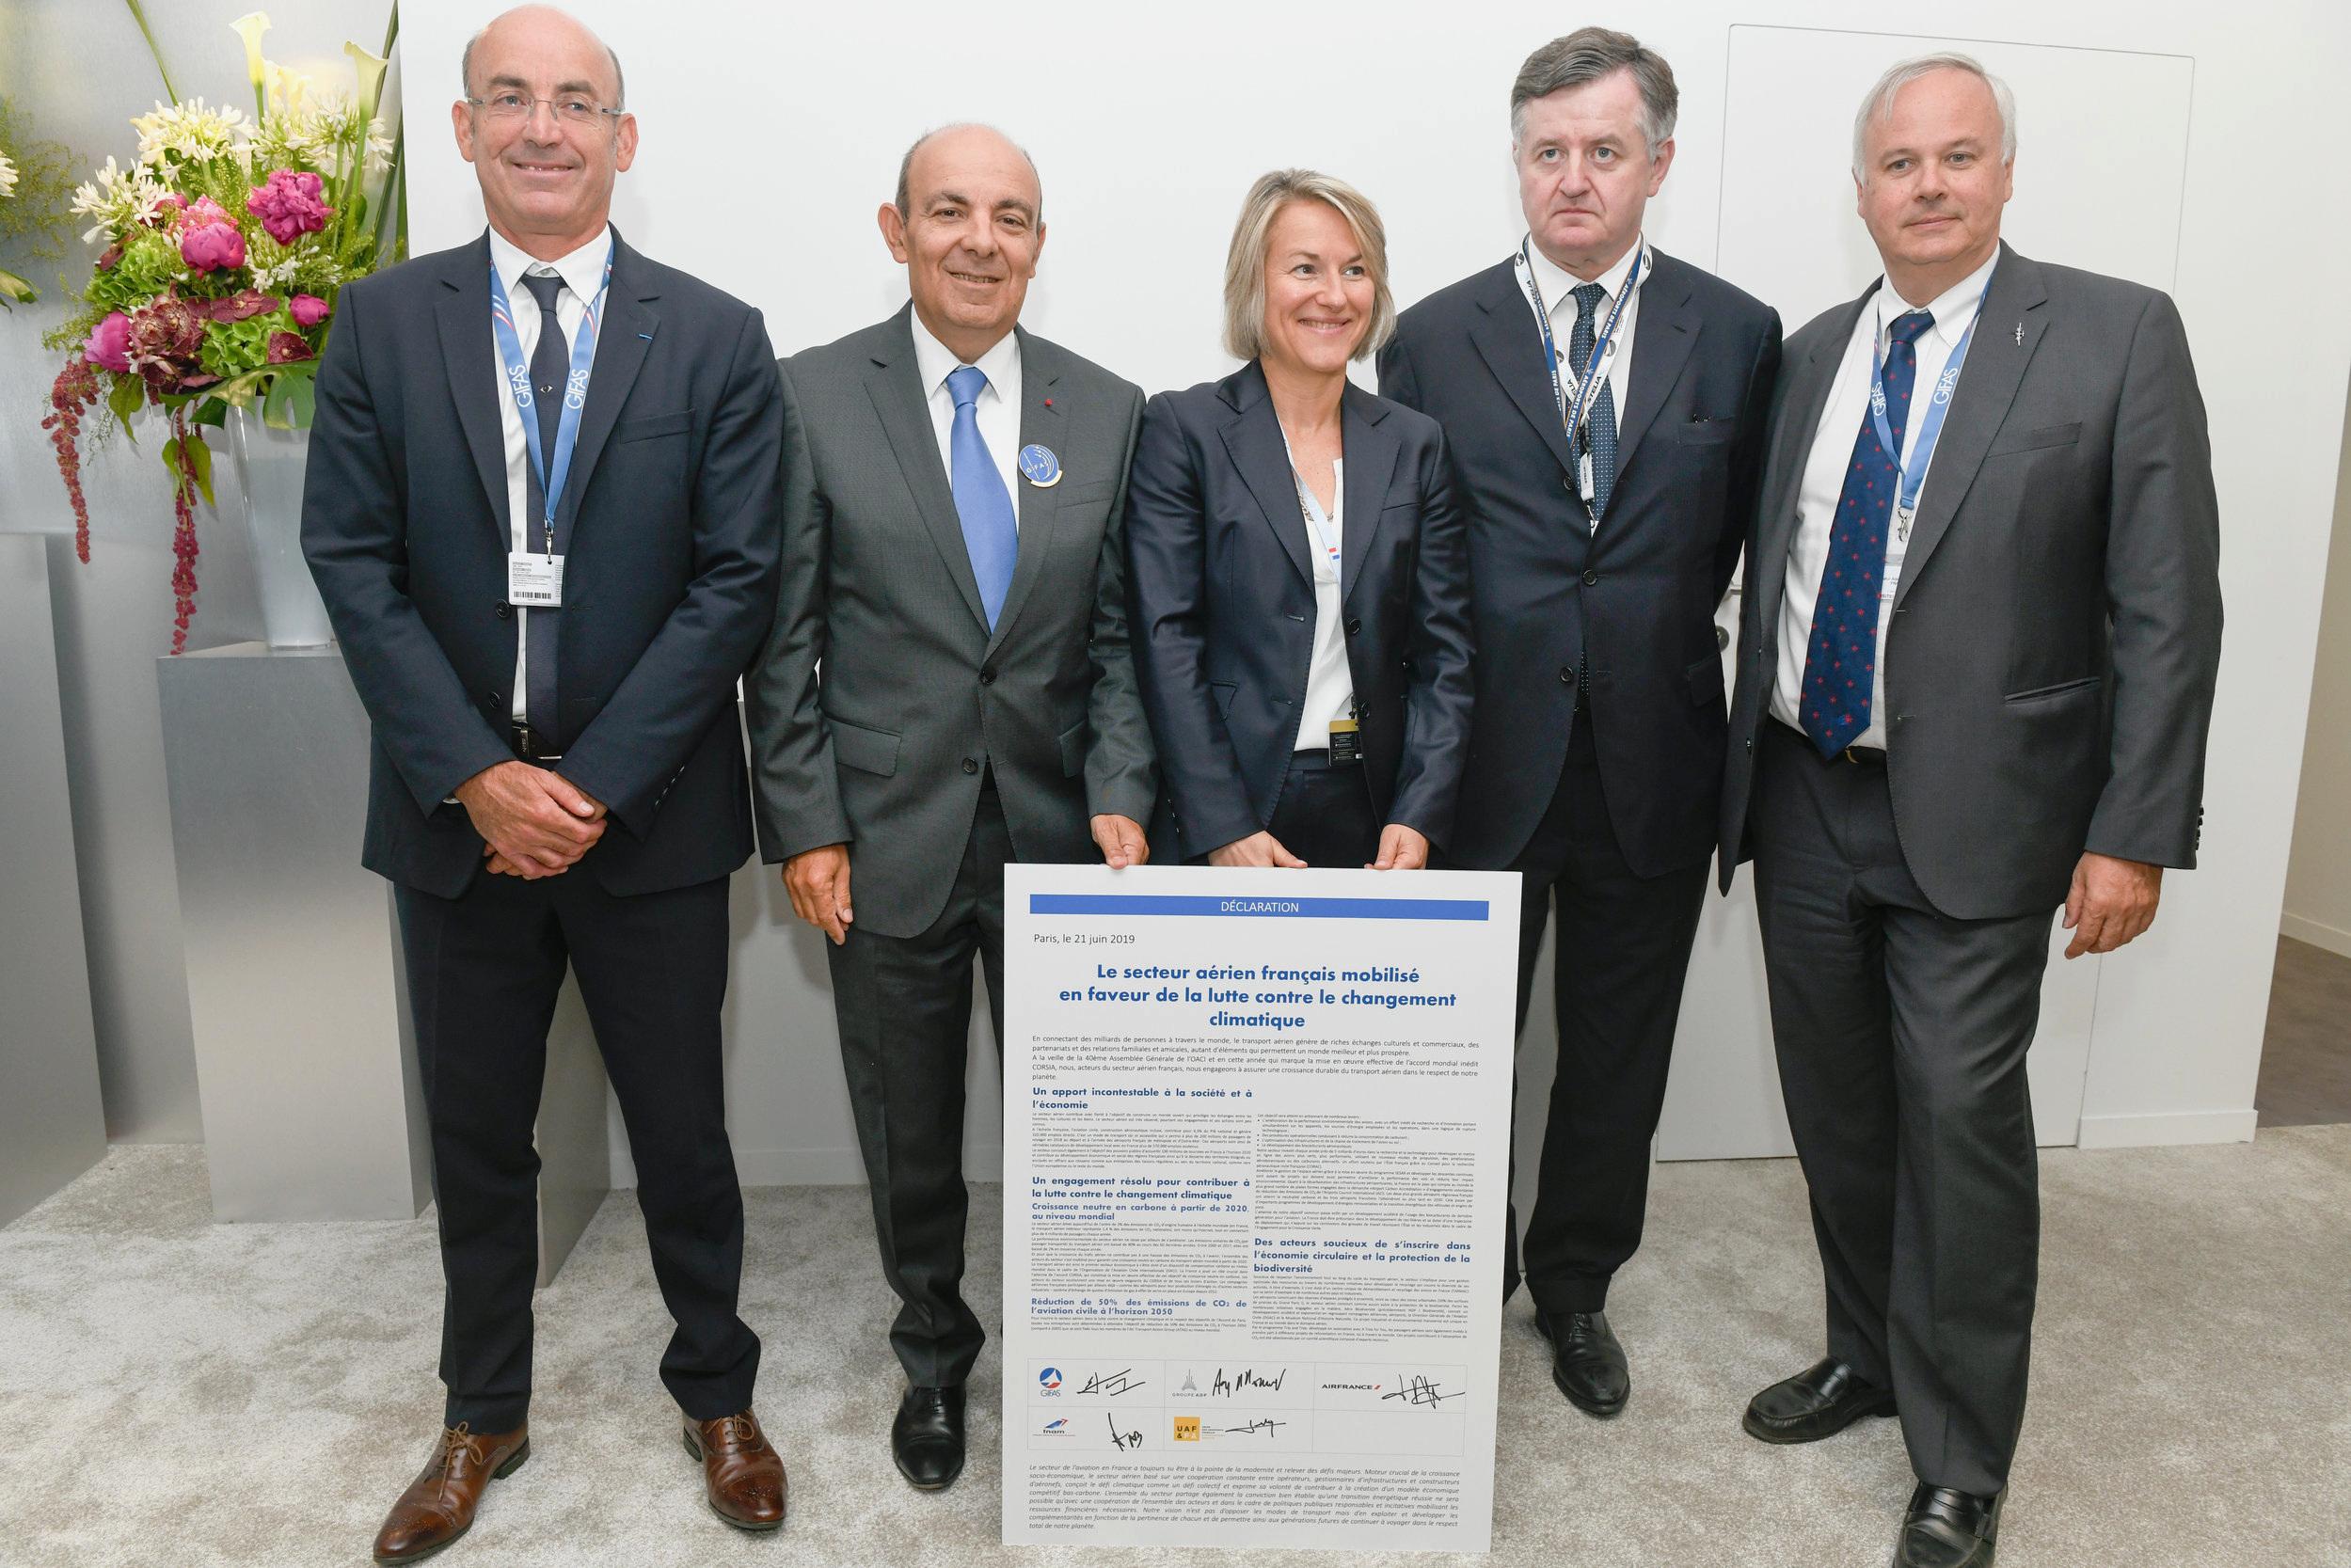 De gauche à droite : Thomas Juin, Président UAF & FA ; Eric Trappier, Président GIFAS ; Anne Rigail, Directrice générale Air France ; Augustin de Romanet, Président-Directeur général Groupe ADP, Alain Battisti Président FNAM